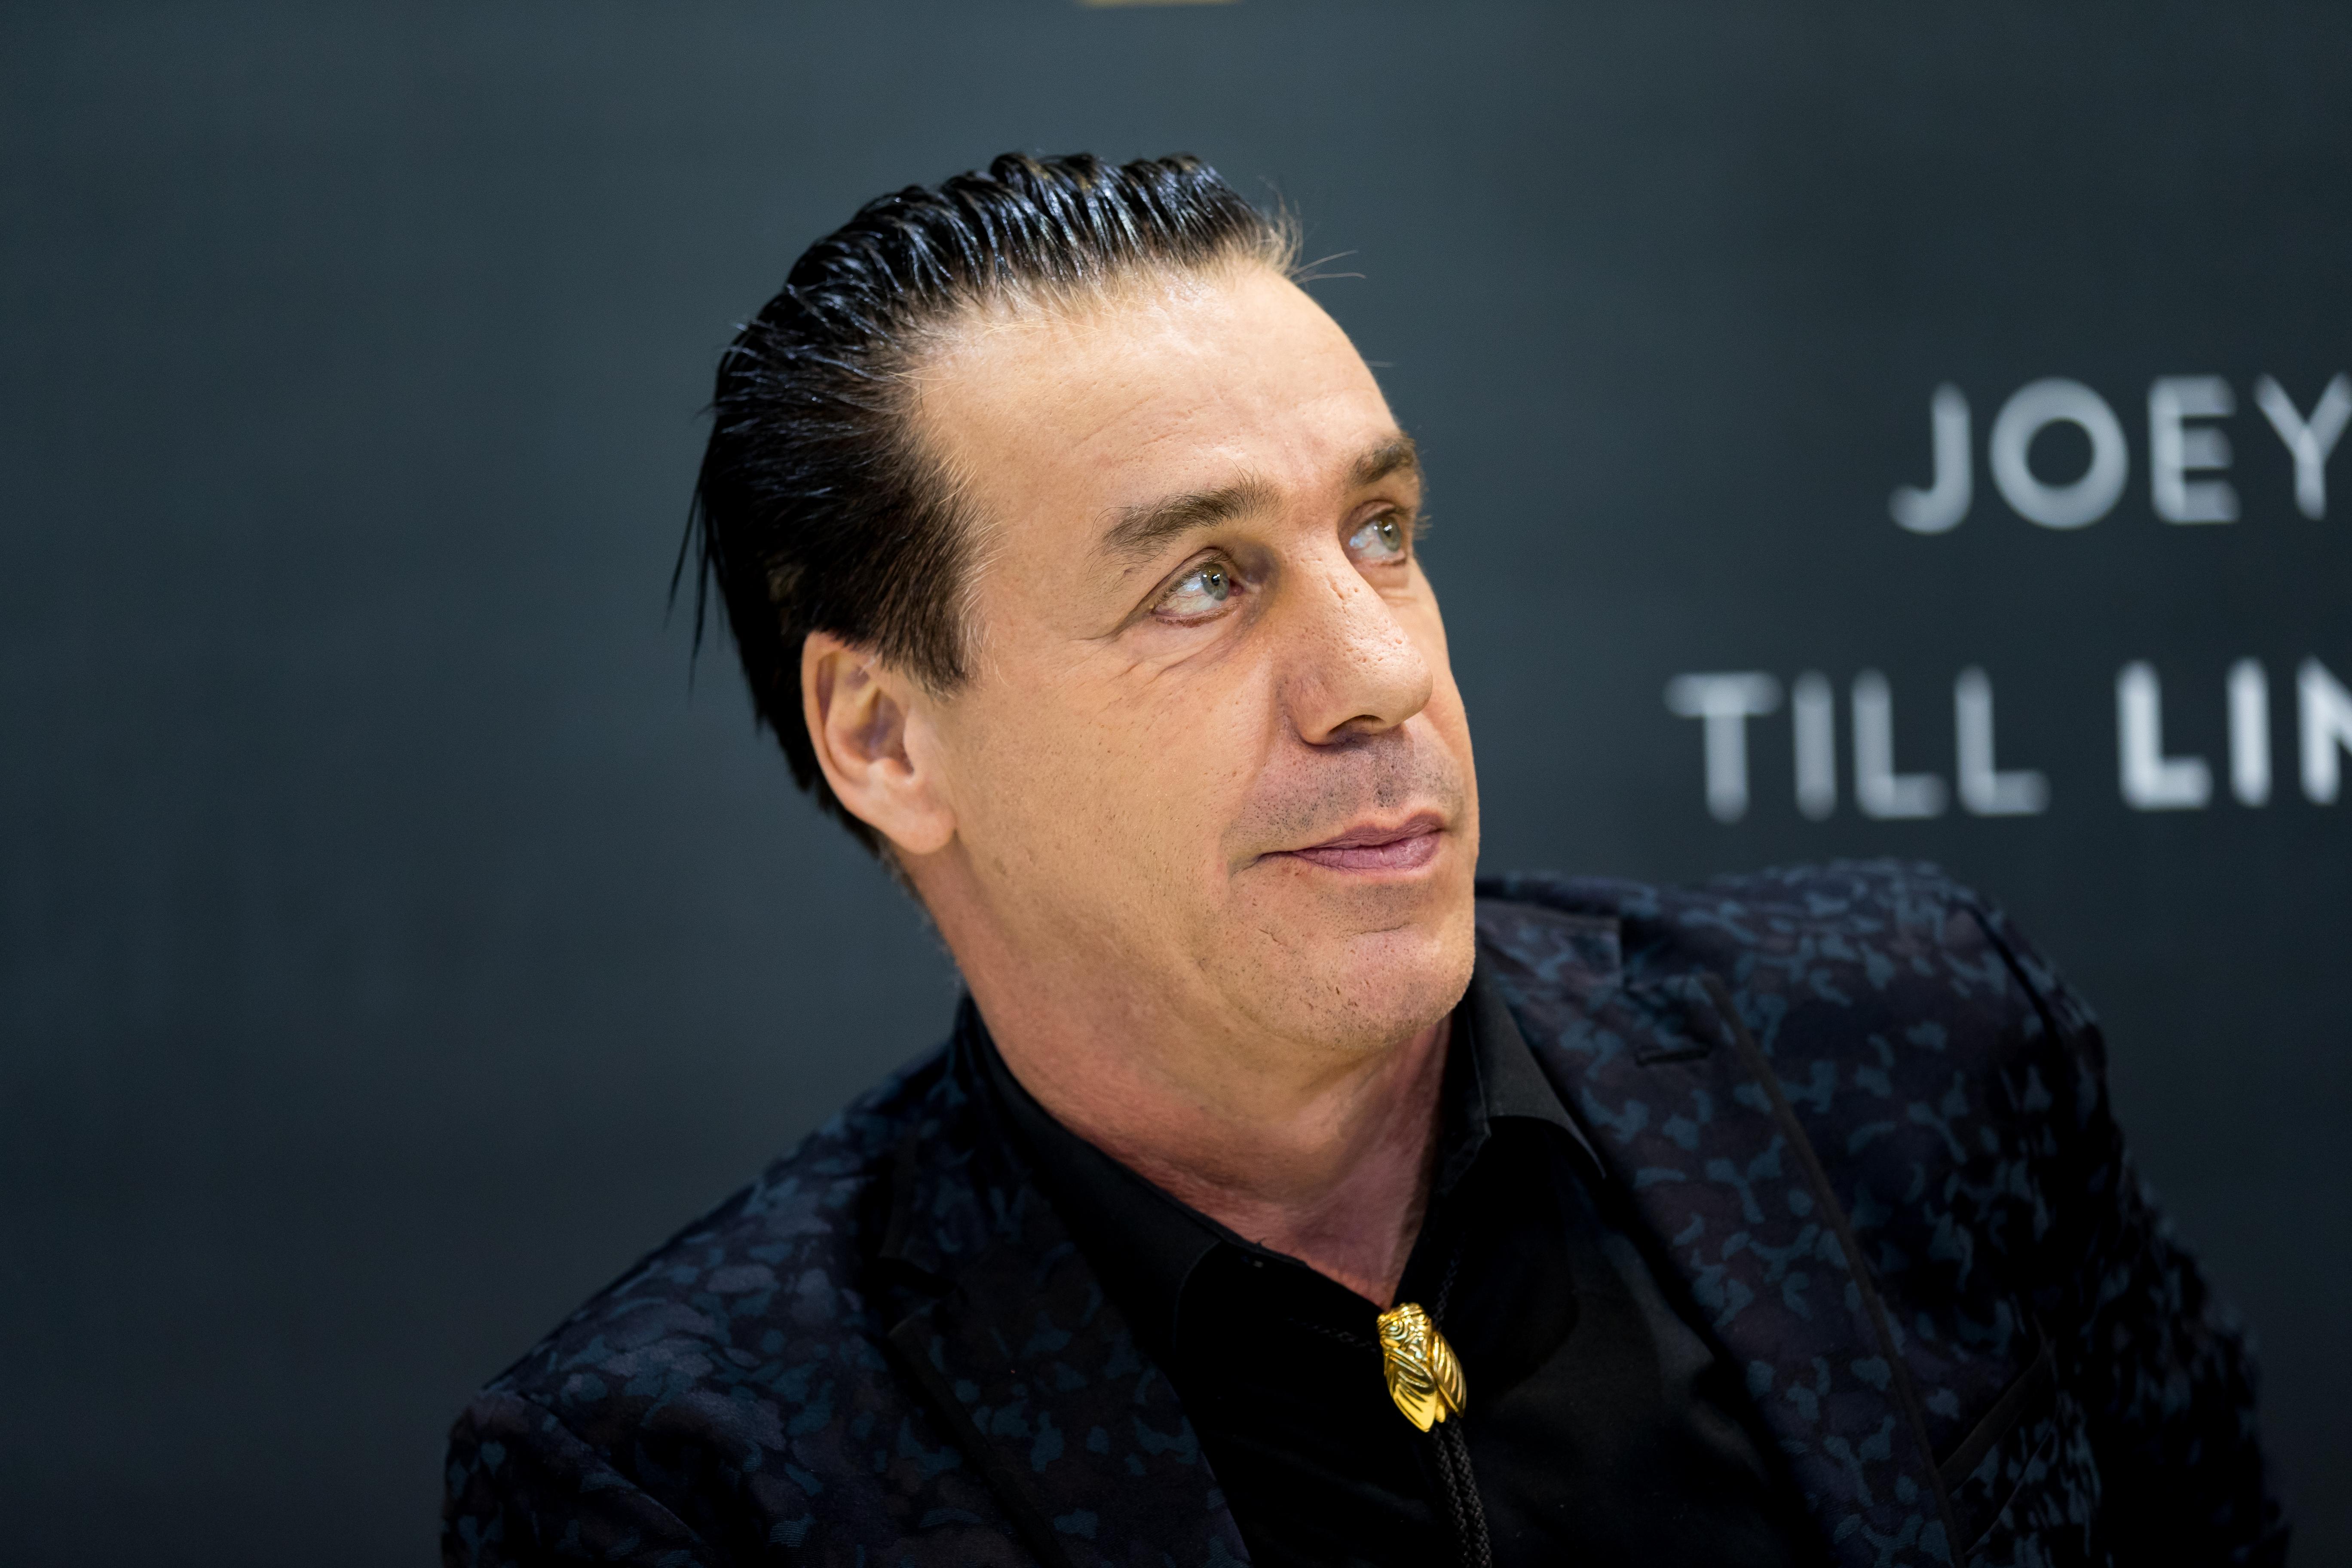 Till Lindemann Viquipèdia Lenciclopèdia Lliure